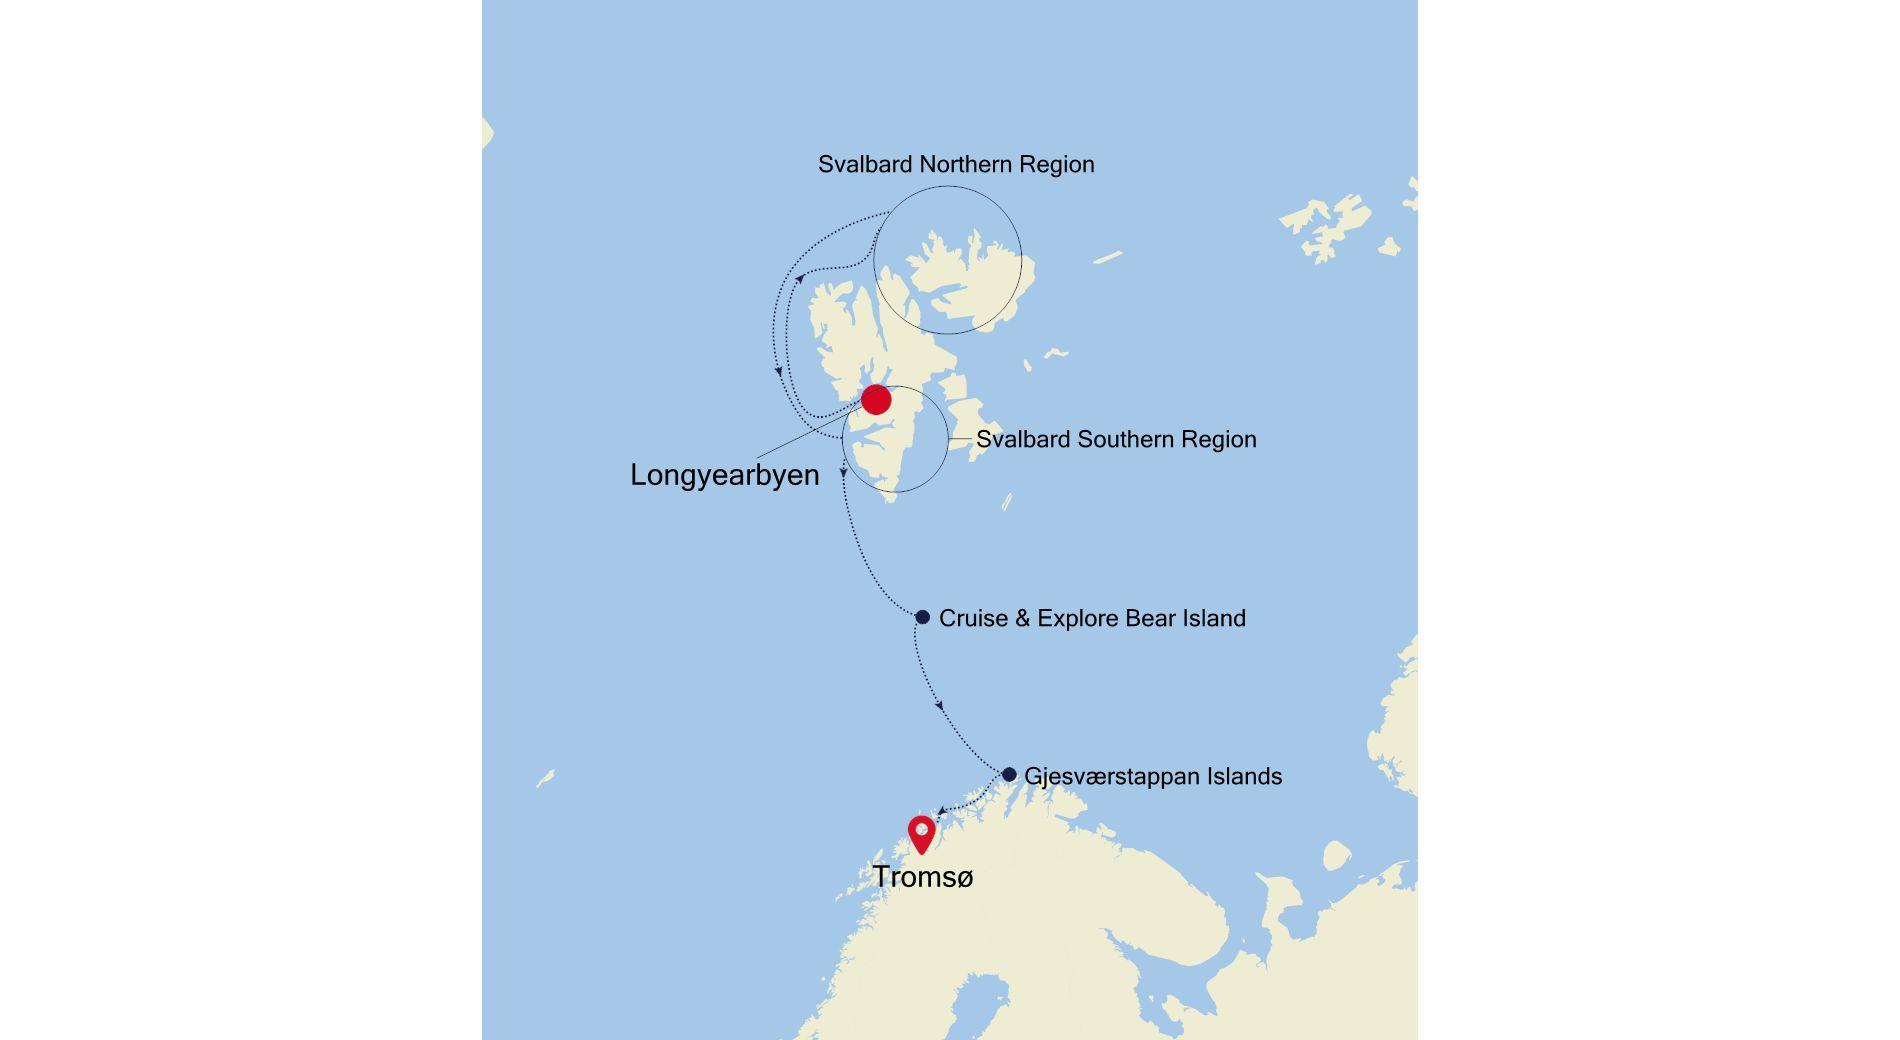 WI210730010 - Longyearbyen to Tromsø